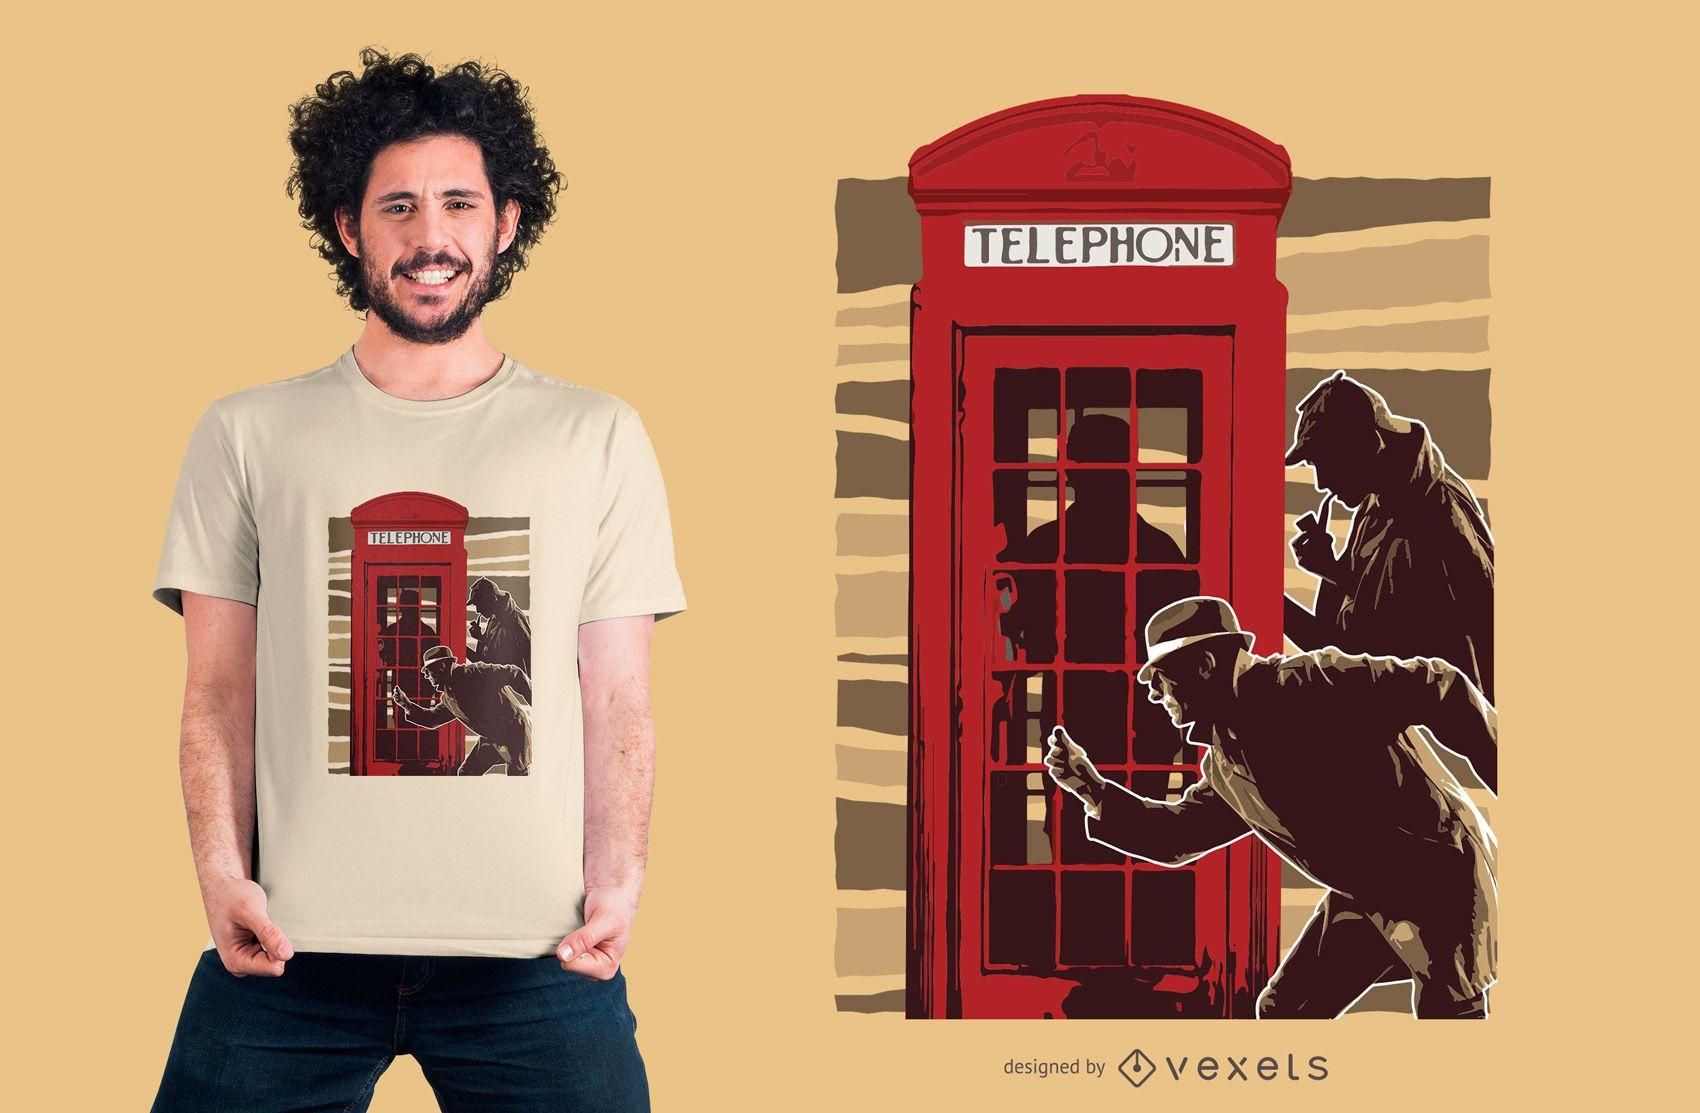 Detektive Telefon T-Shirt Design